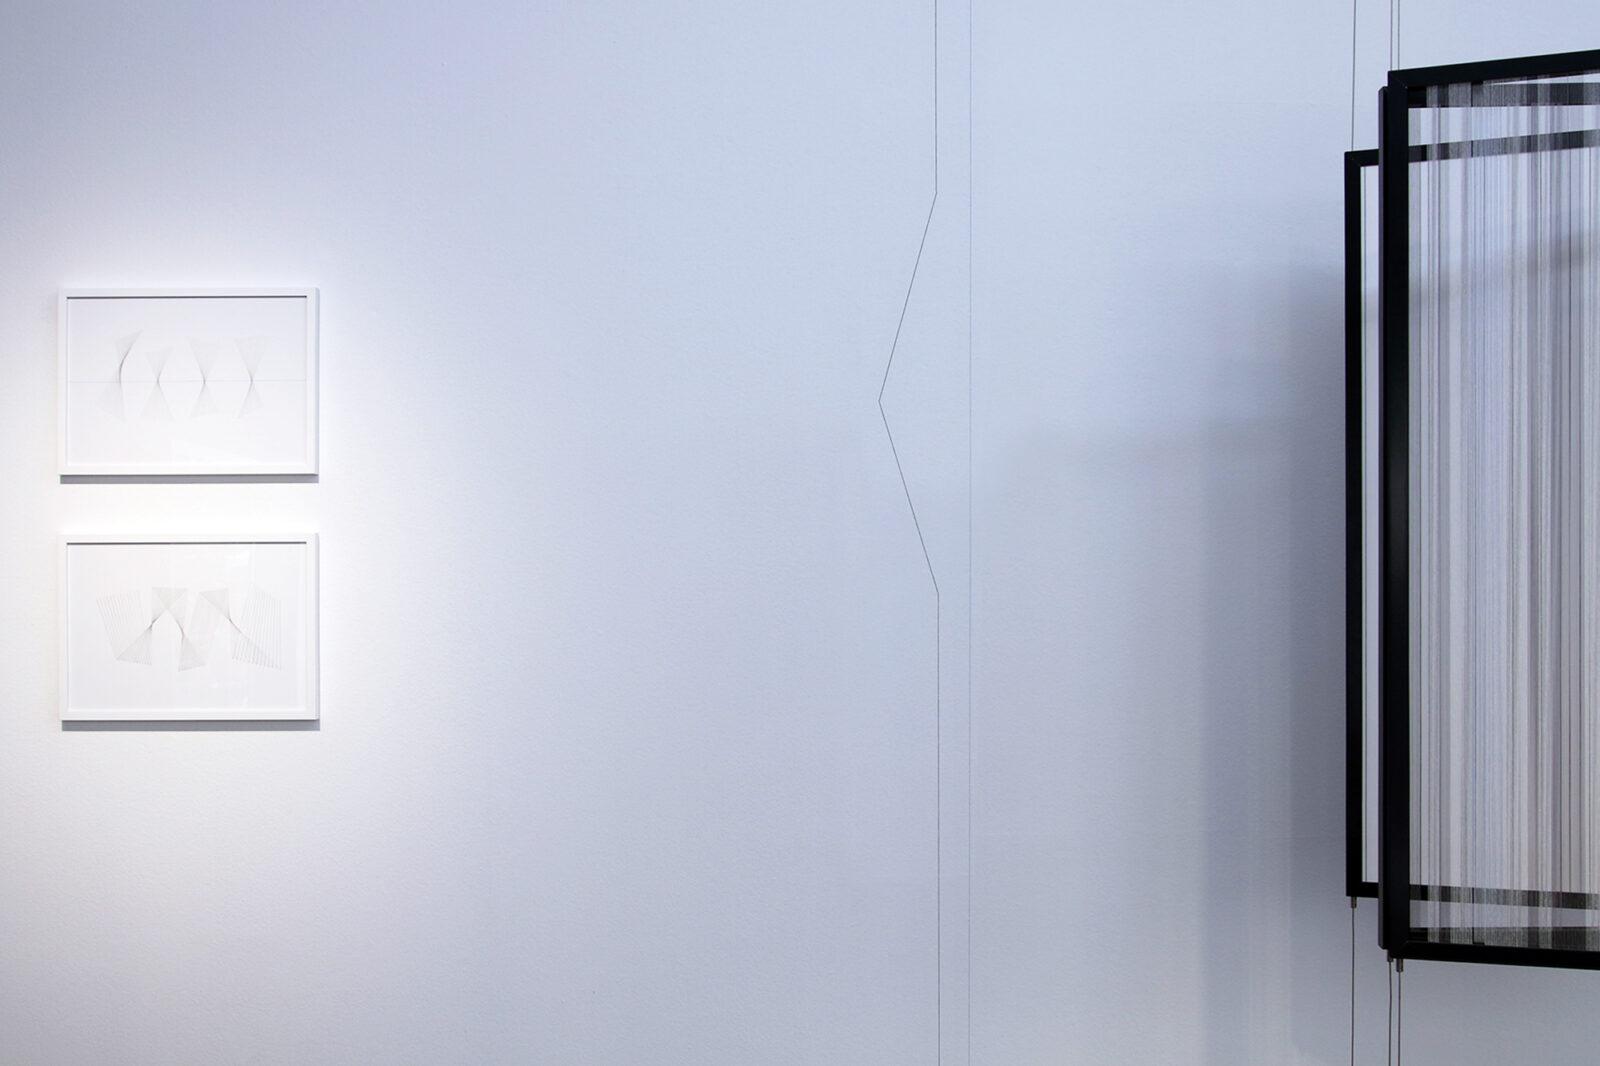 Galerie Maurer 2